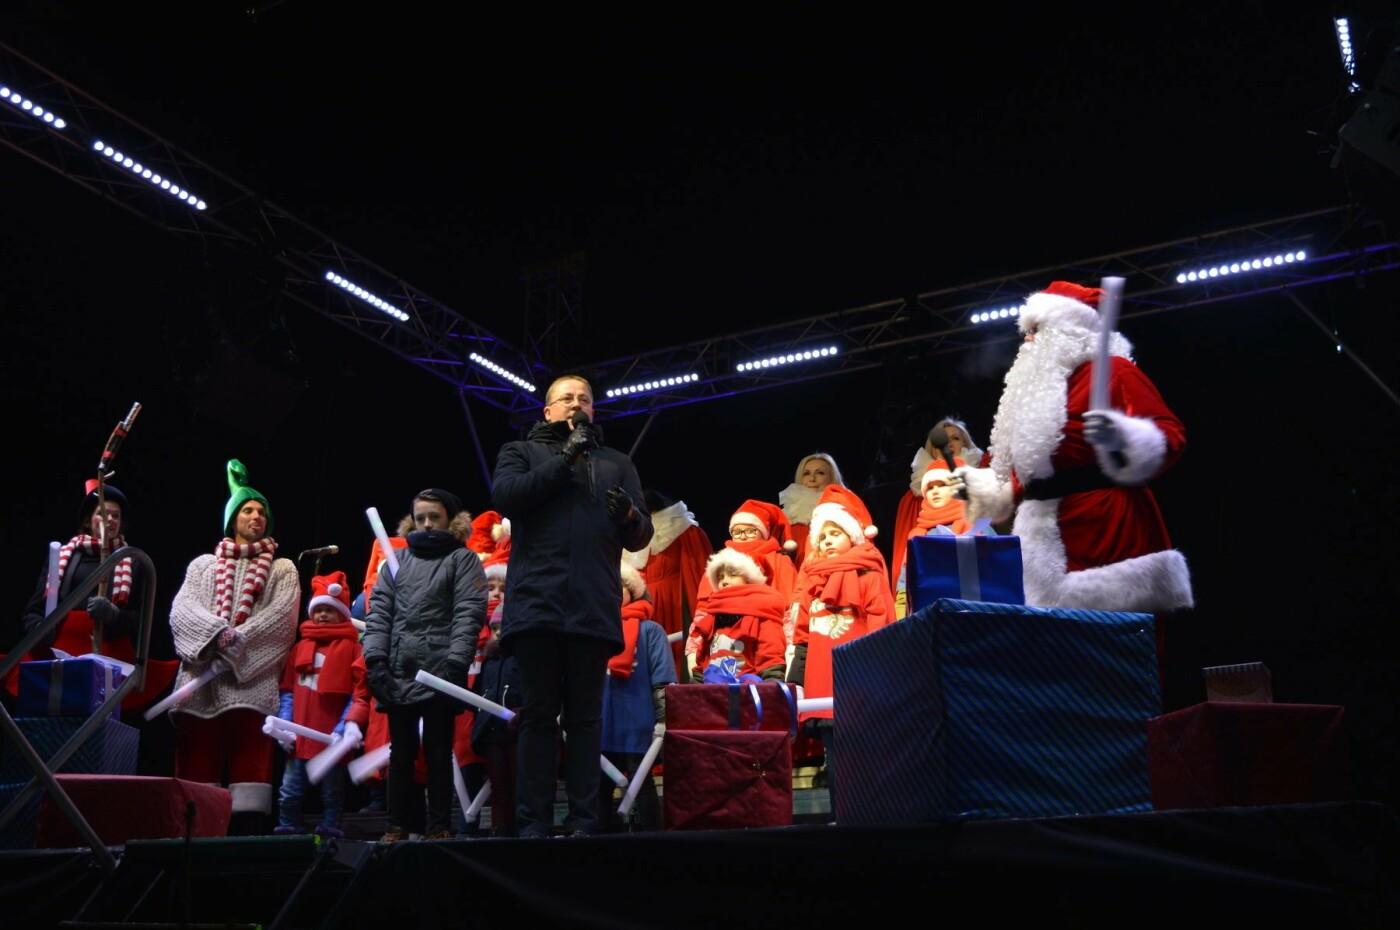 Palanga įžiebė eglę ir suspindo tūkstančiais kalėdinių šviesų, nuotrauka-1